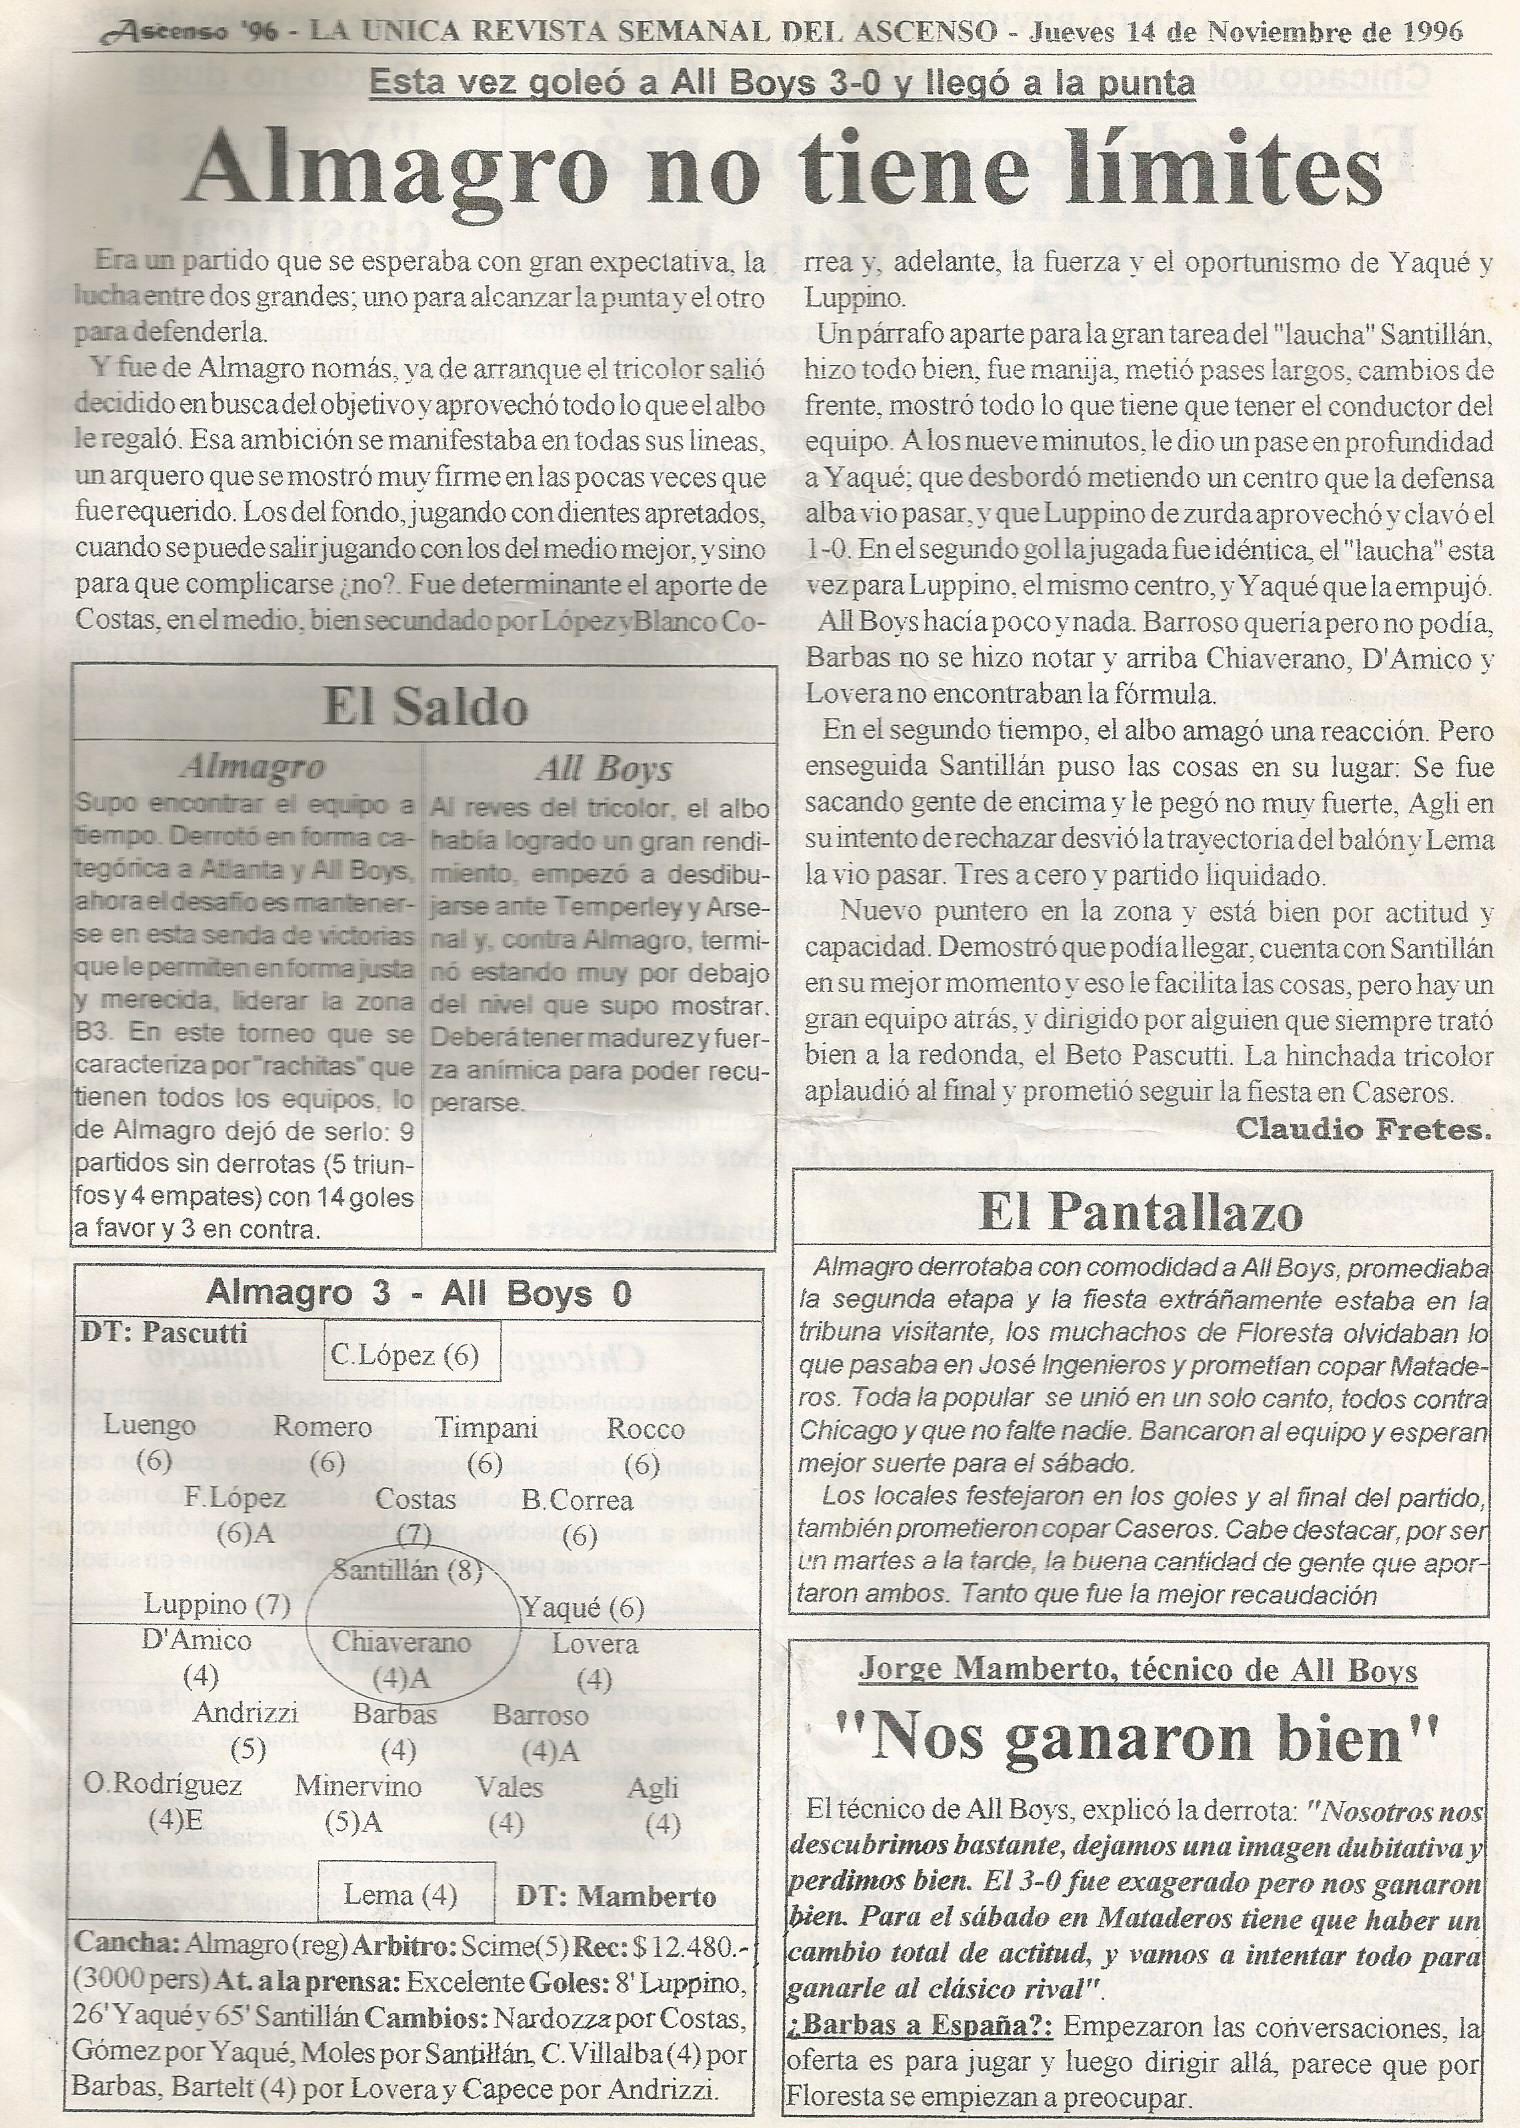 1996-97 NACIONAL B - ALMAGRO ALL BOYS - ASCENSO 96 A